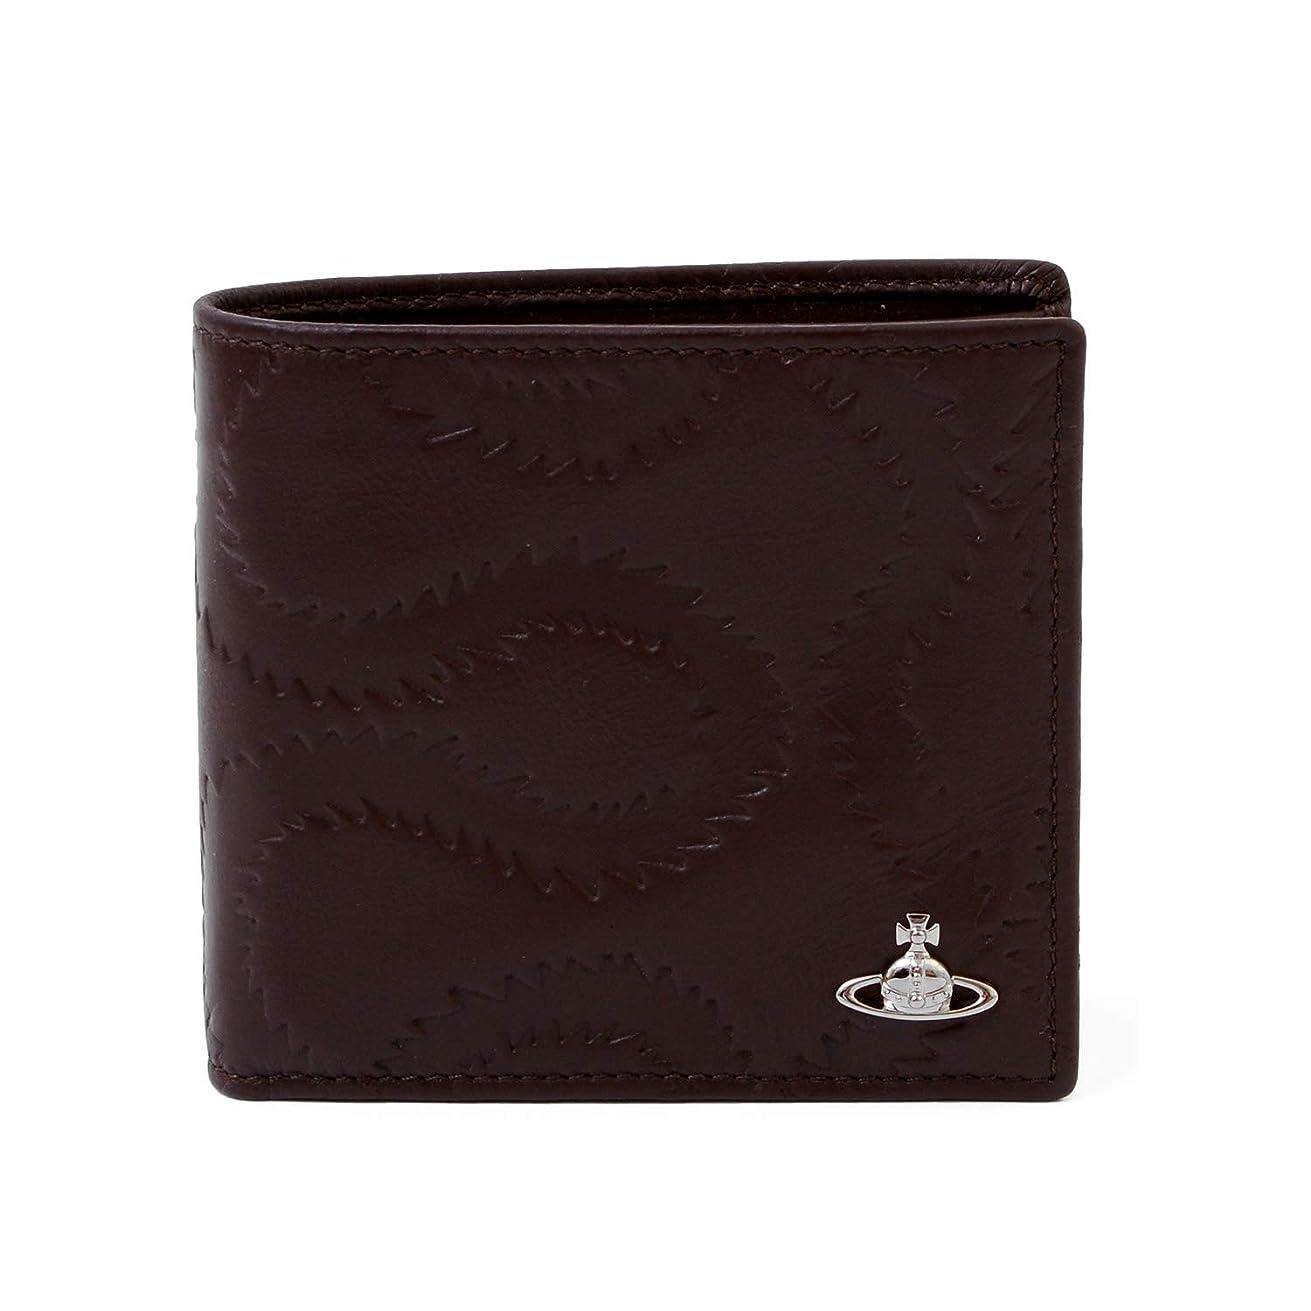 証明アセンブリ不測の事態[名入れ可] ヴィヴィアンウエストウッド Vivienne Westwood 正規品 BELFAST 財布 二つ折り財布 小銭入れあり 型押し ヴィンテージ 本革